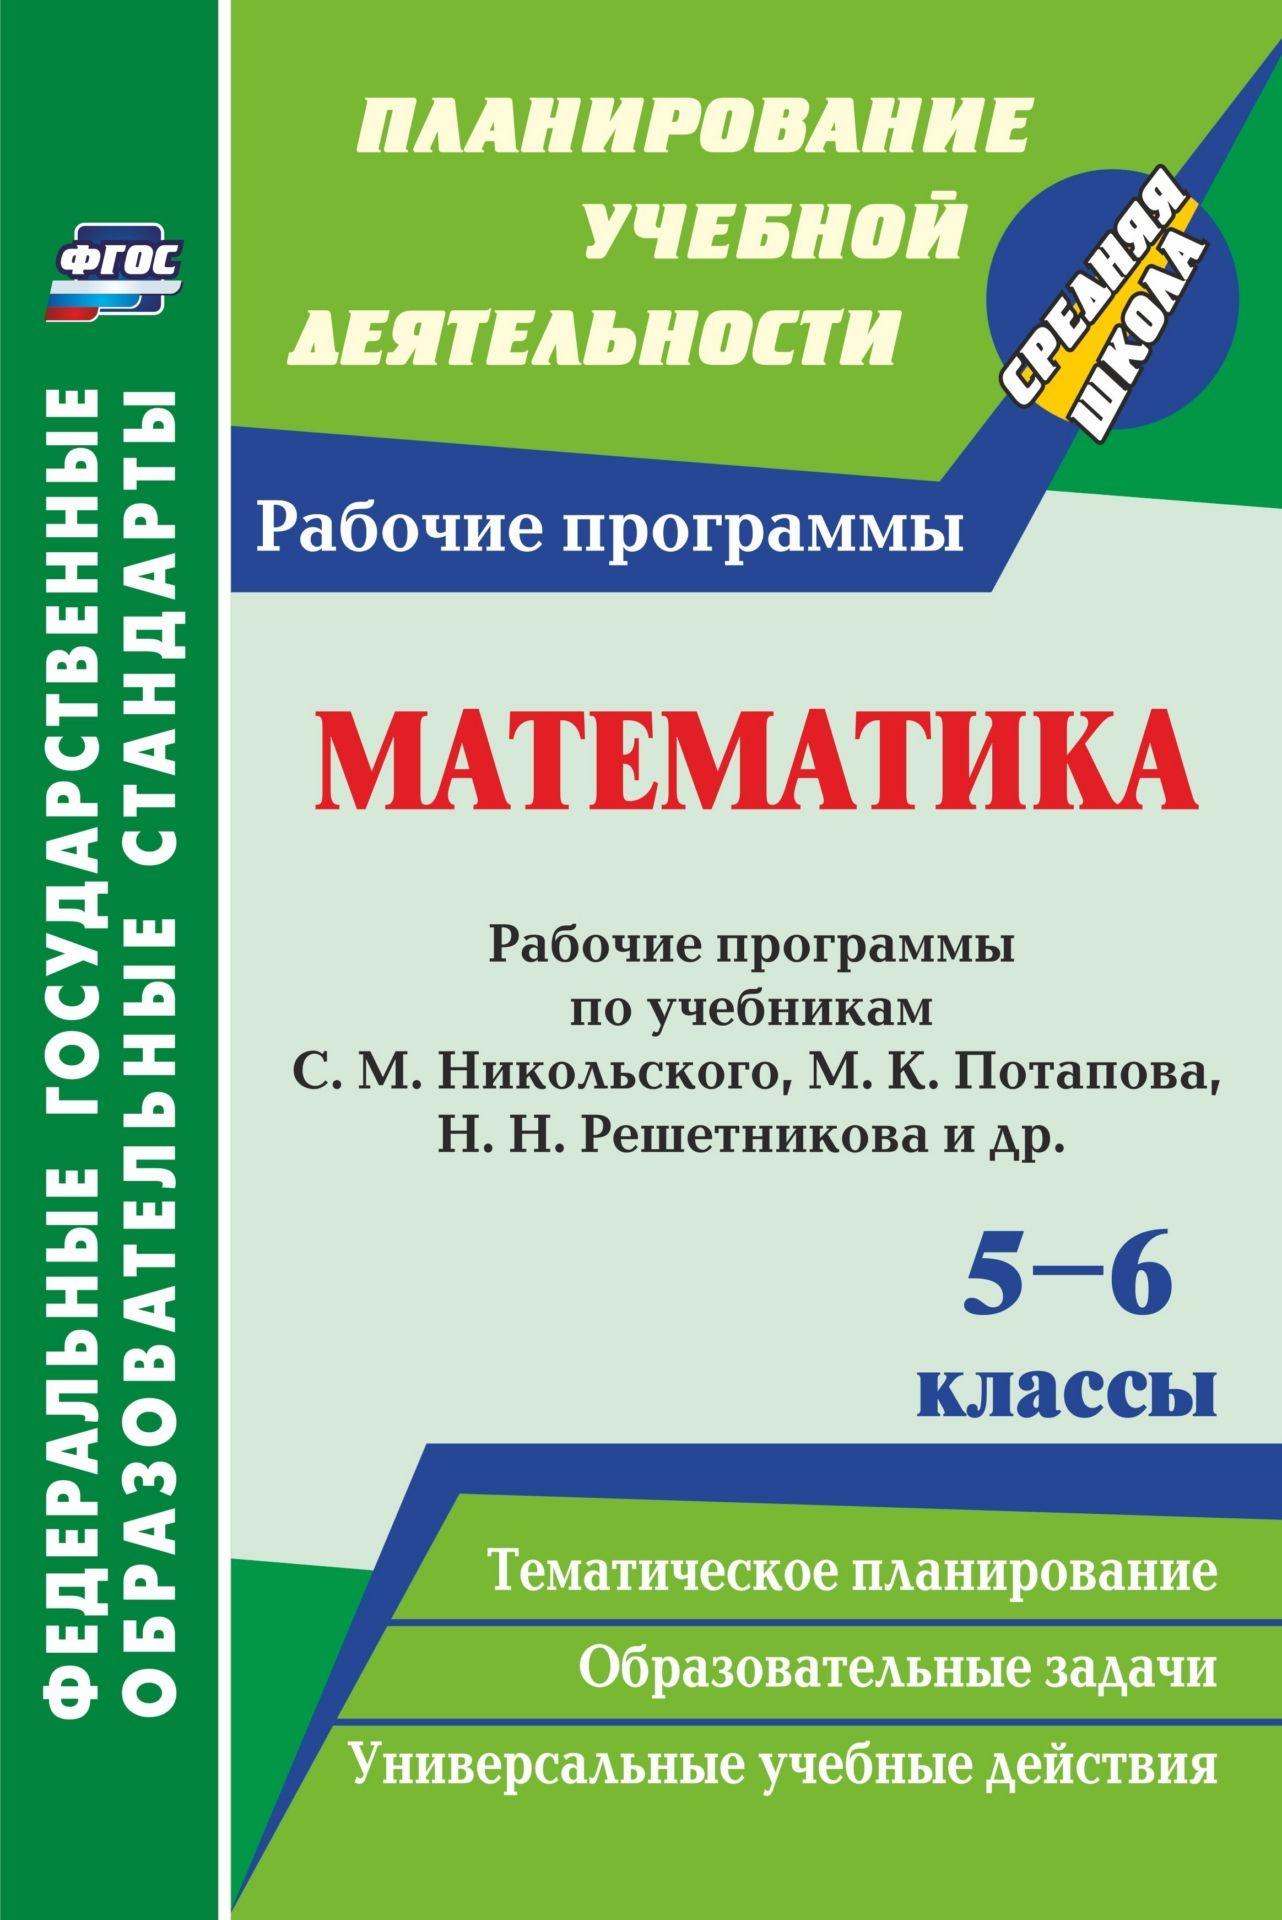 Математика. 5-6 классы: рабочие программы по учебникам С. М. Никольского, К. Потапова, Н. Решетникова, А. В. Шевкина